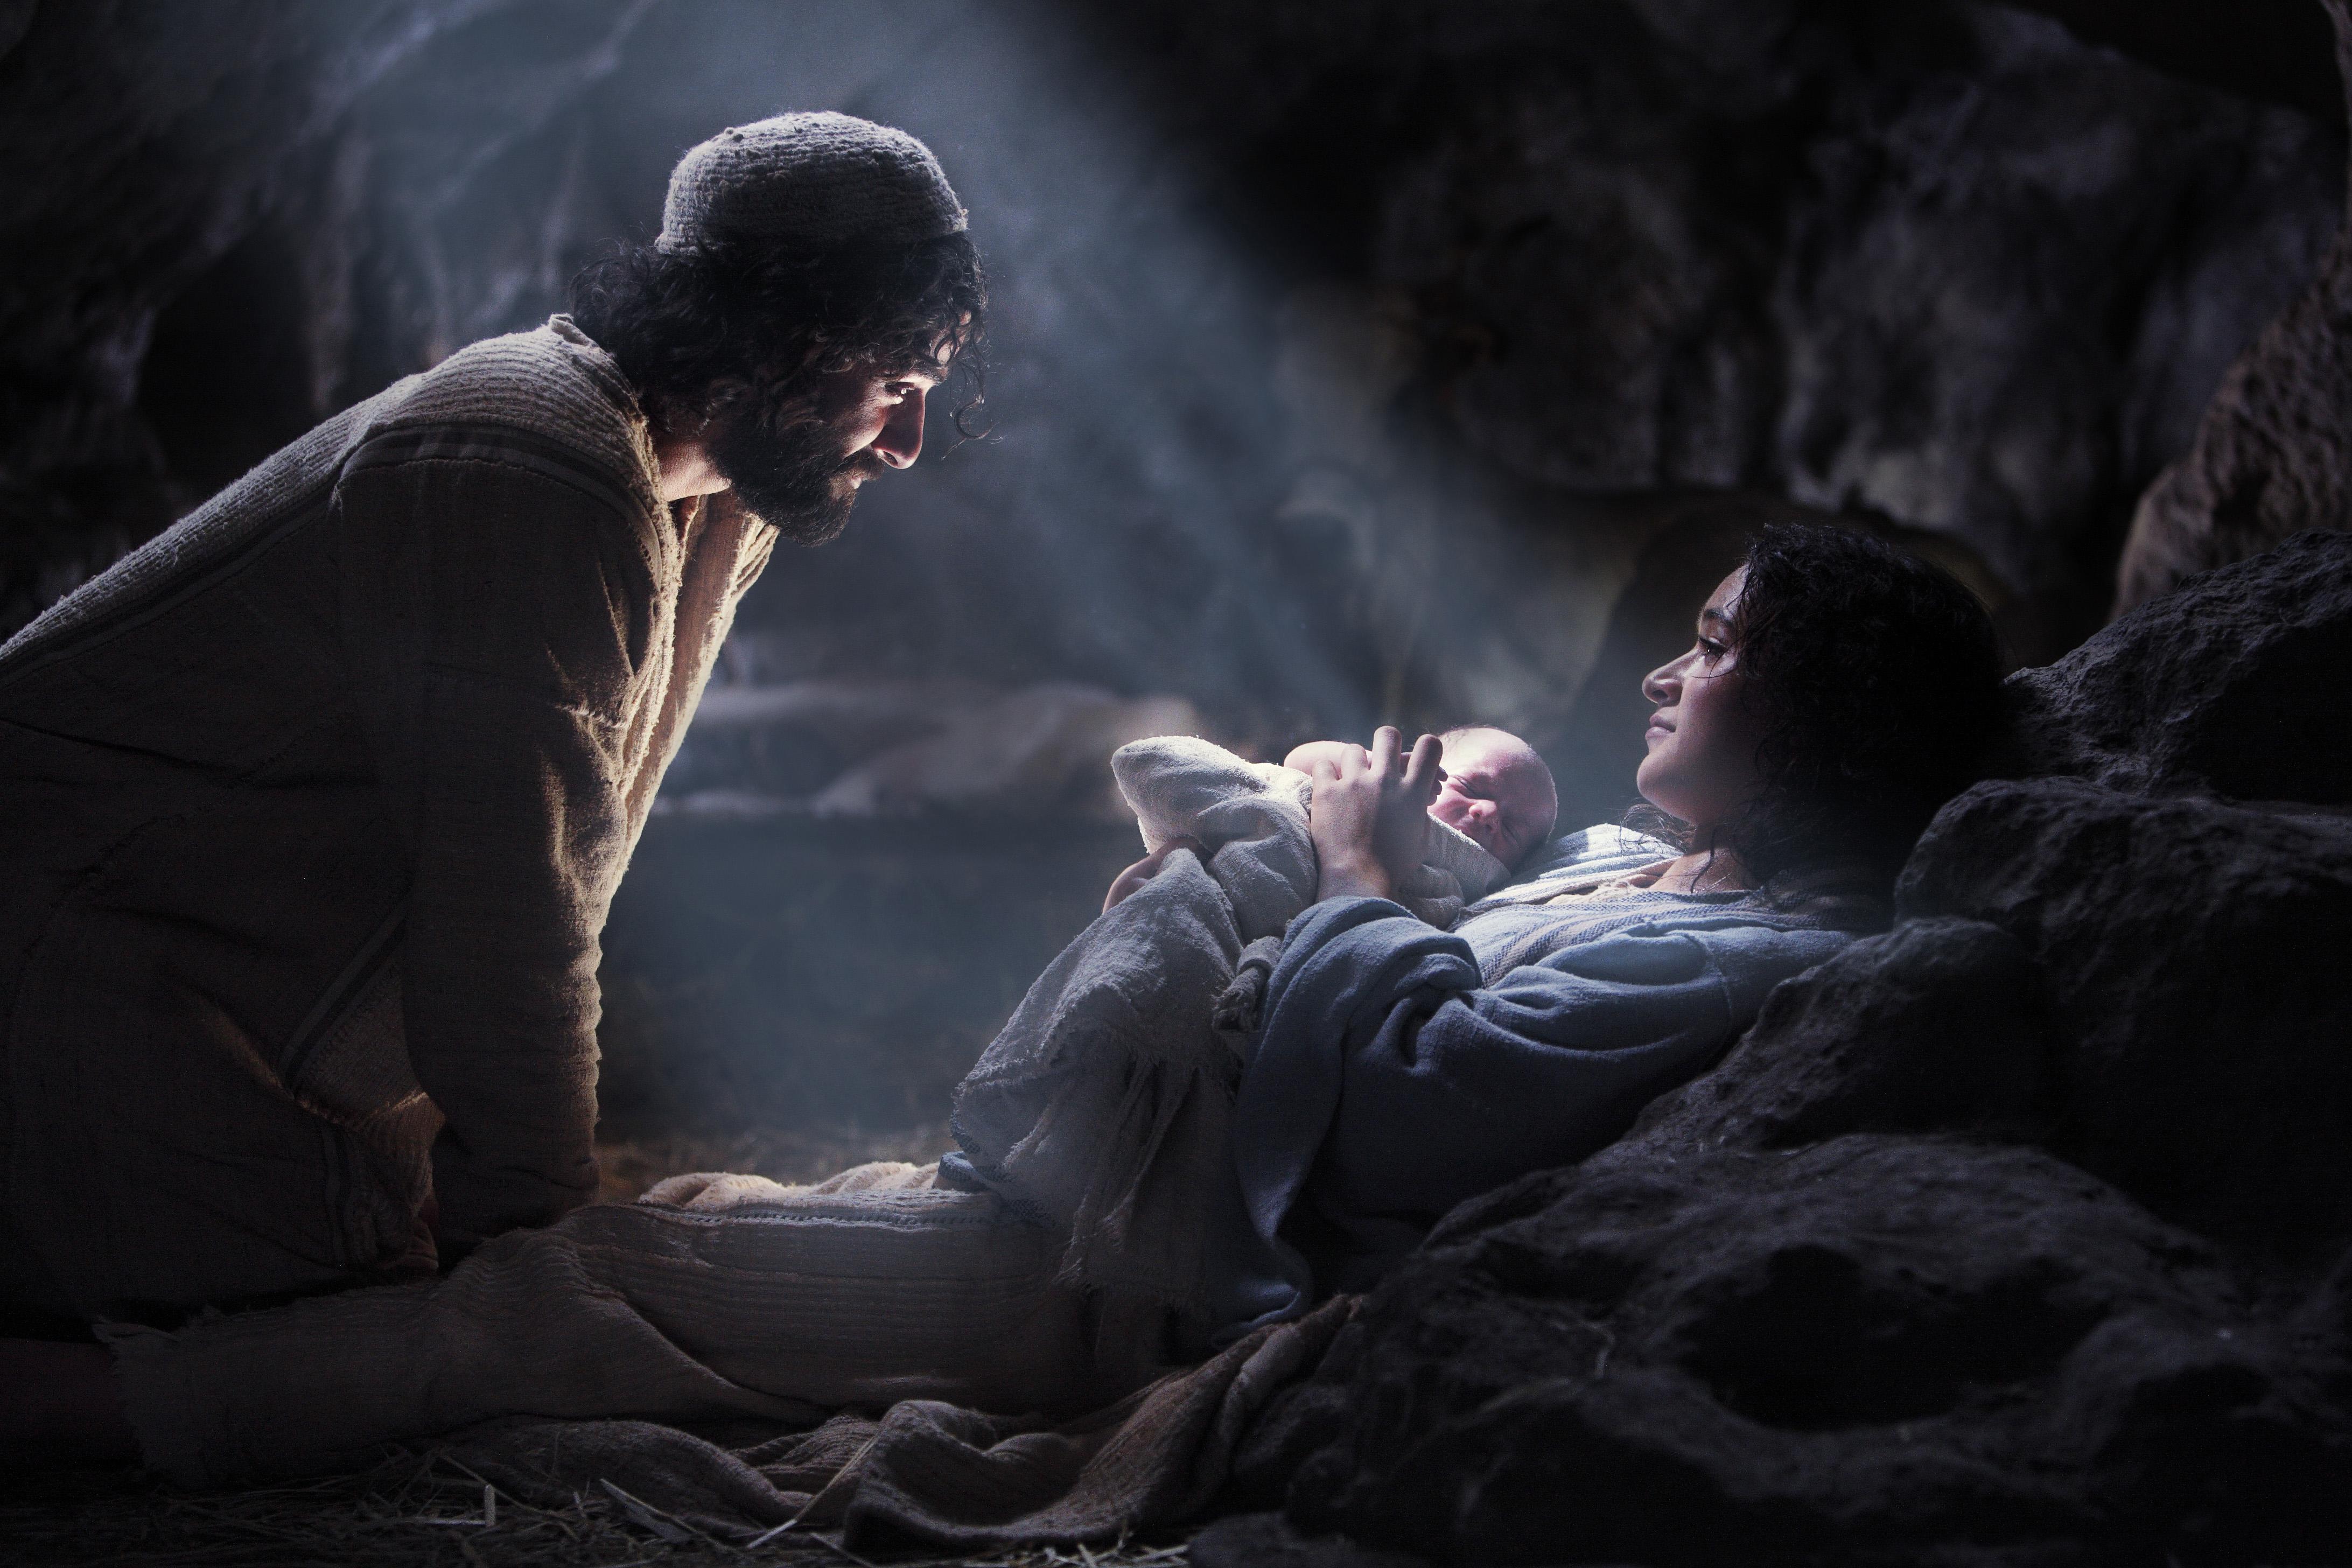 Chris Tomlin 'Emmanuel' – DVD clip…